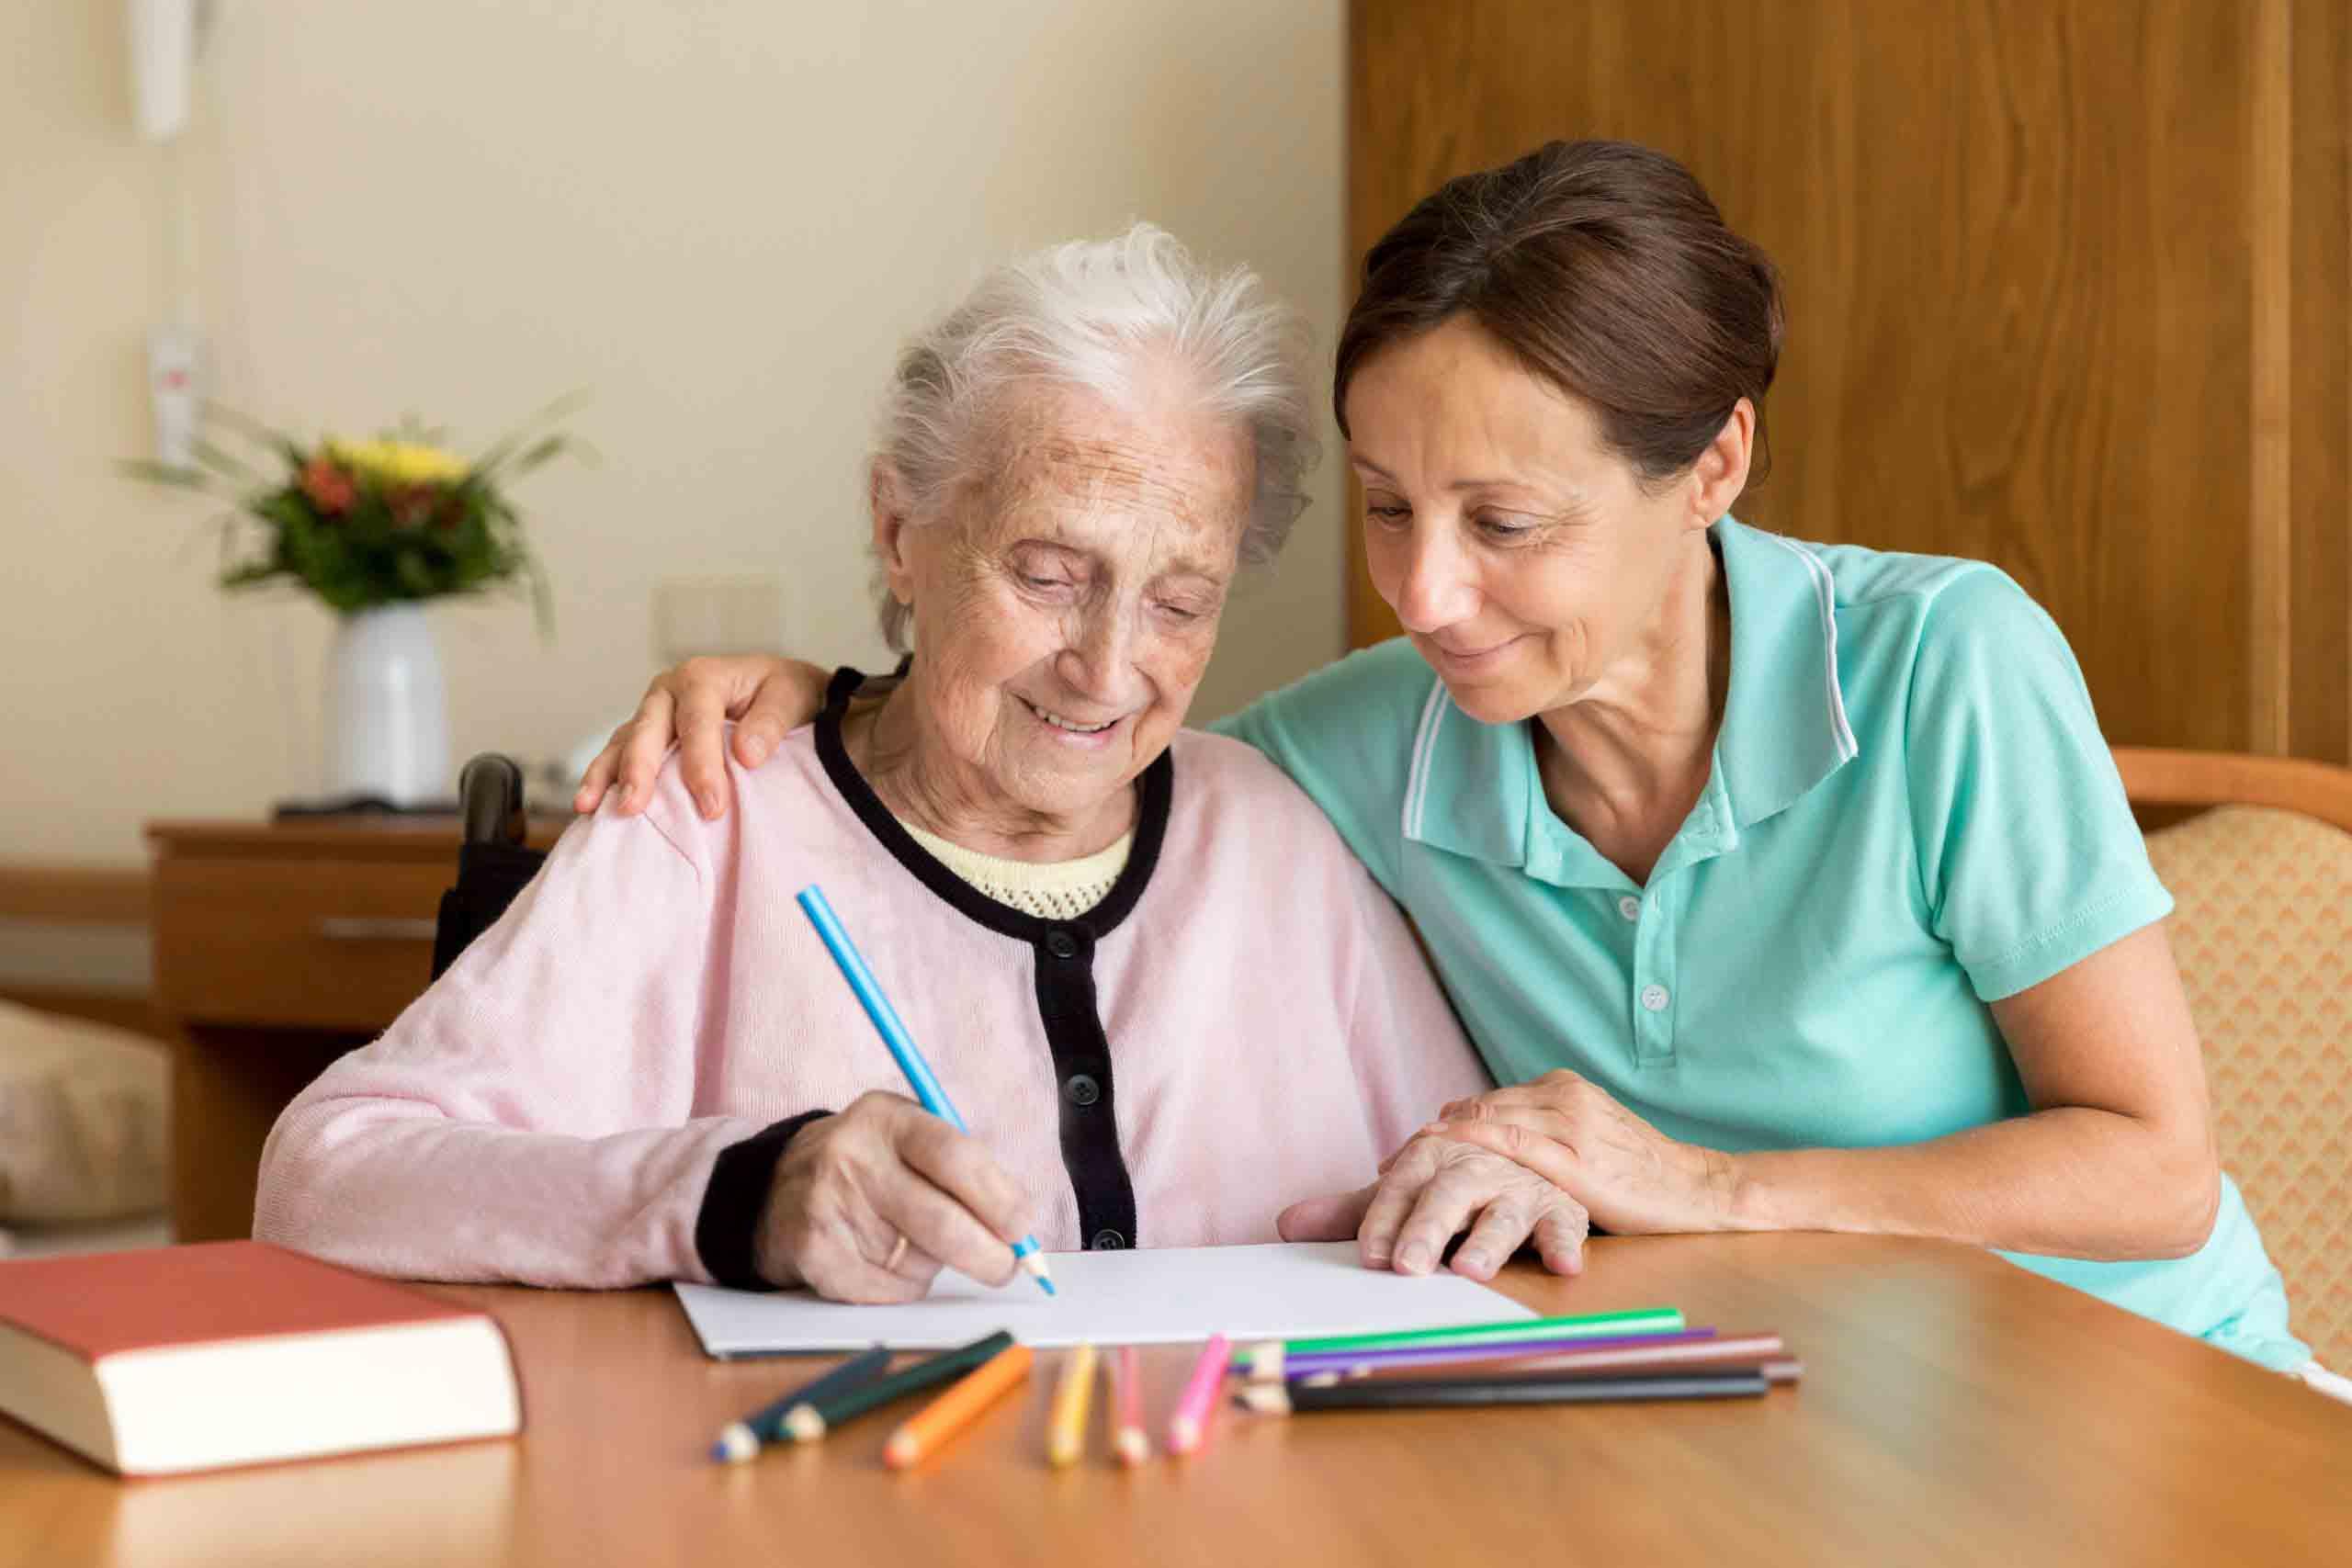 پرستاری از سالمند آلزایمری | مرکز خدمات پرستاری پارسیان مهرپرور